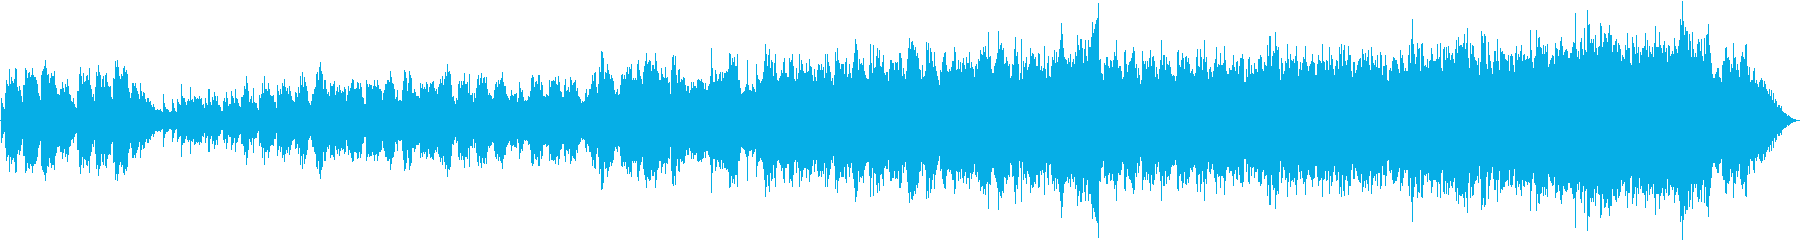 澄み切った青空を眺めてピアノメロディーの再生済みの波形